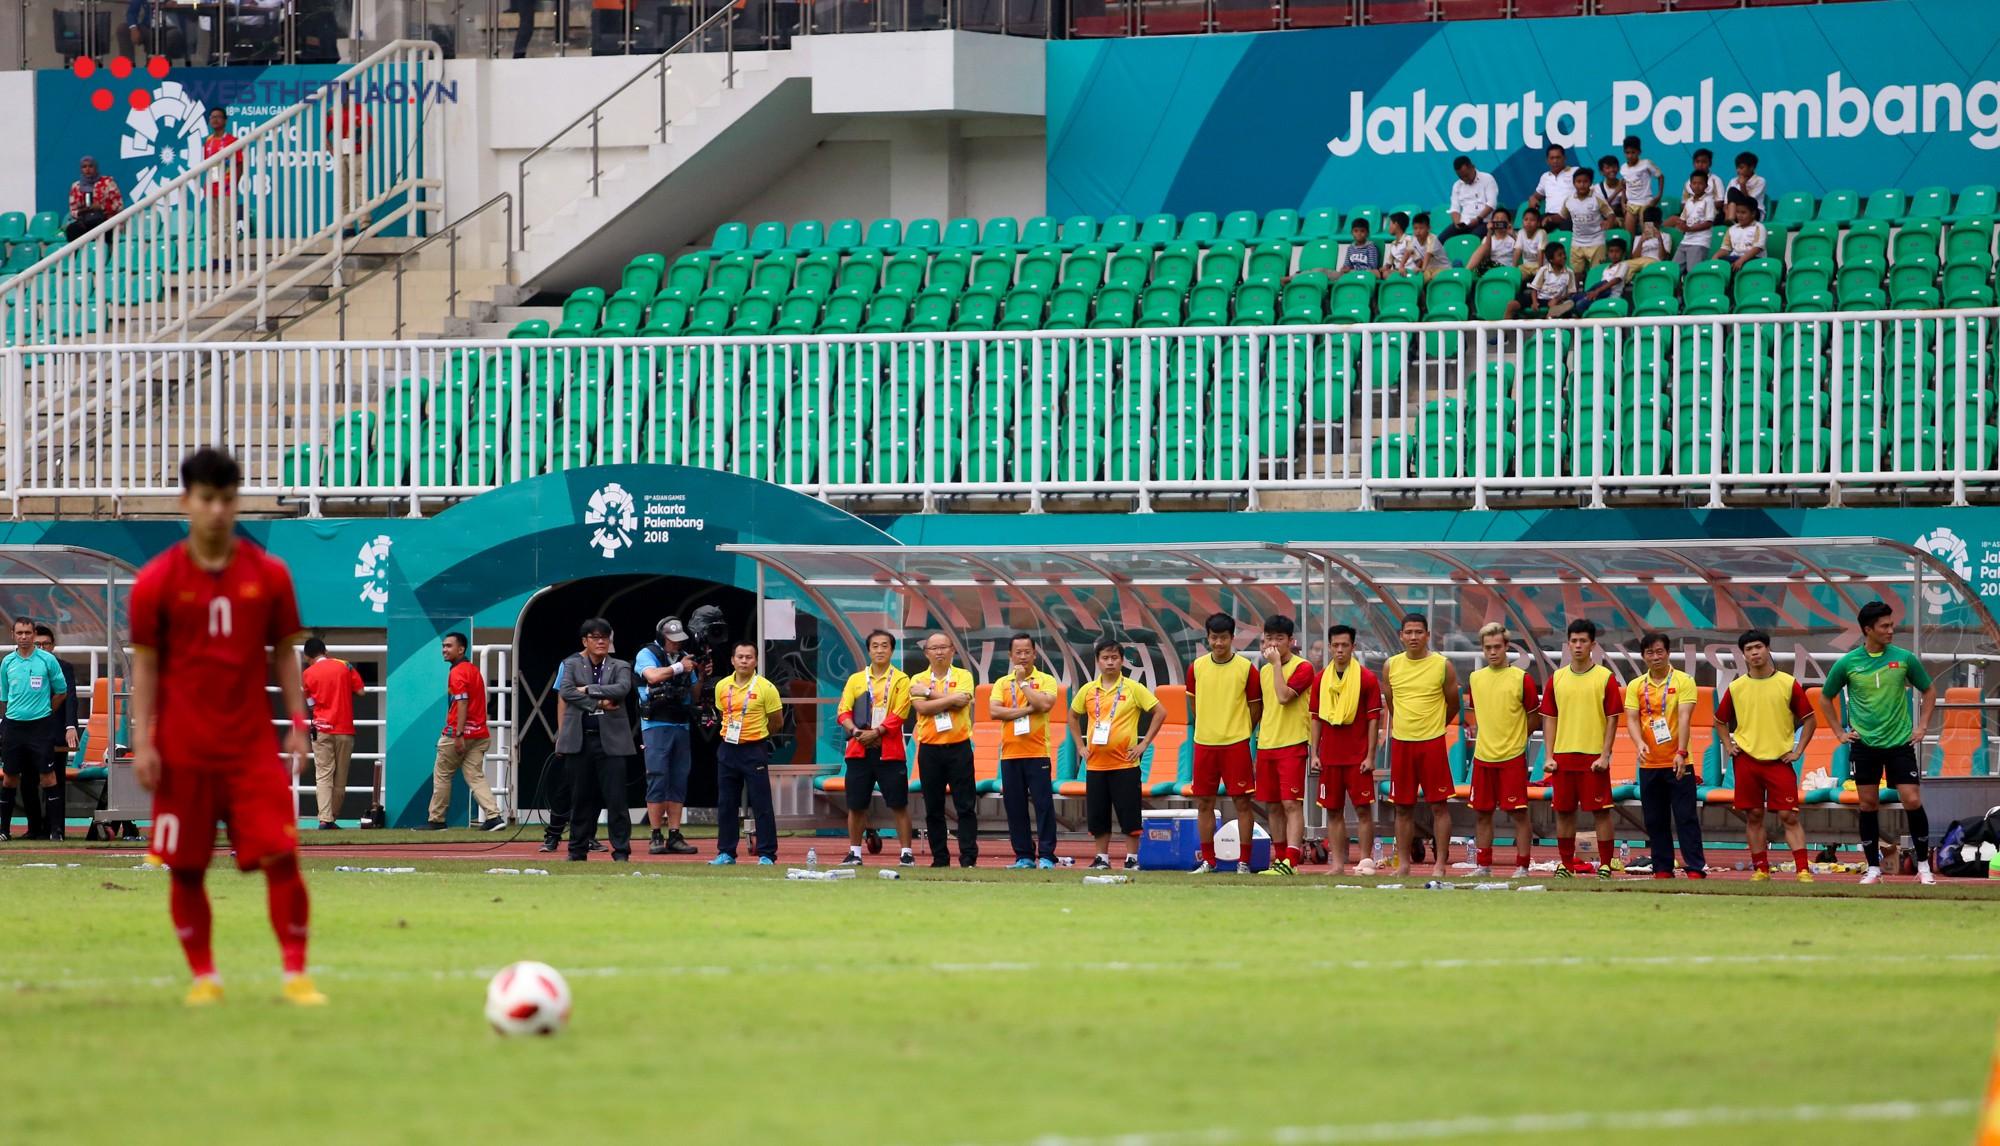 Văn Quyết tập tễnh, Văn Thanh phải nhờ đồng đội cõng sau chiều buồn tại Pakansari - Ảnh 1.